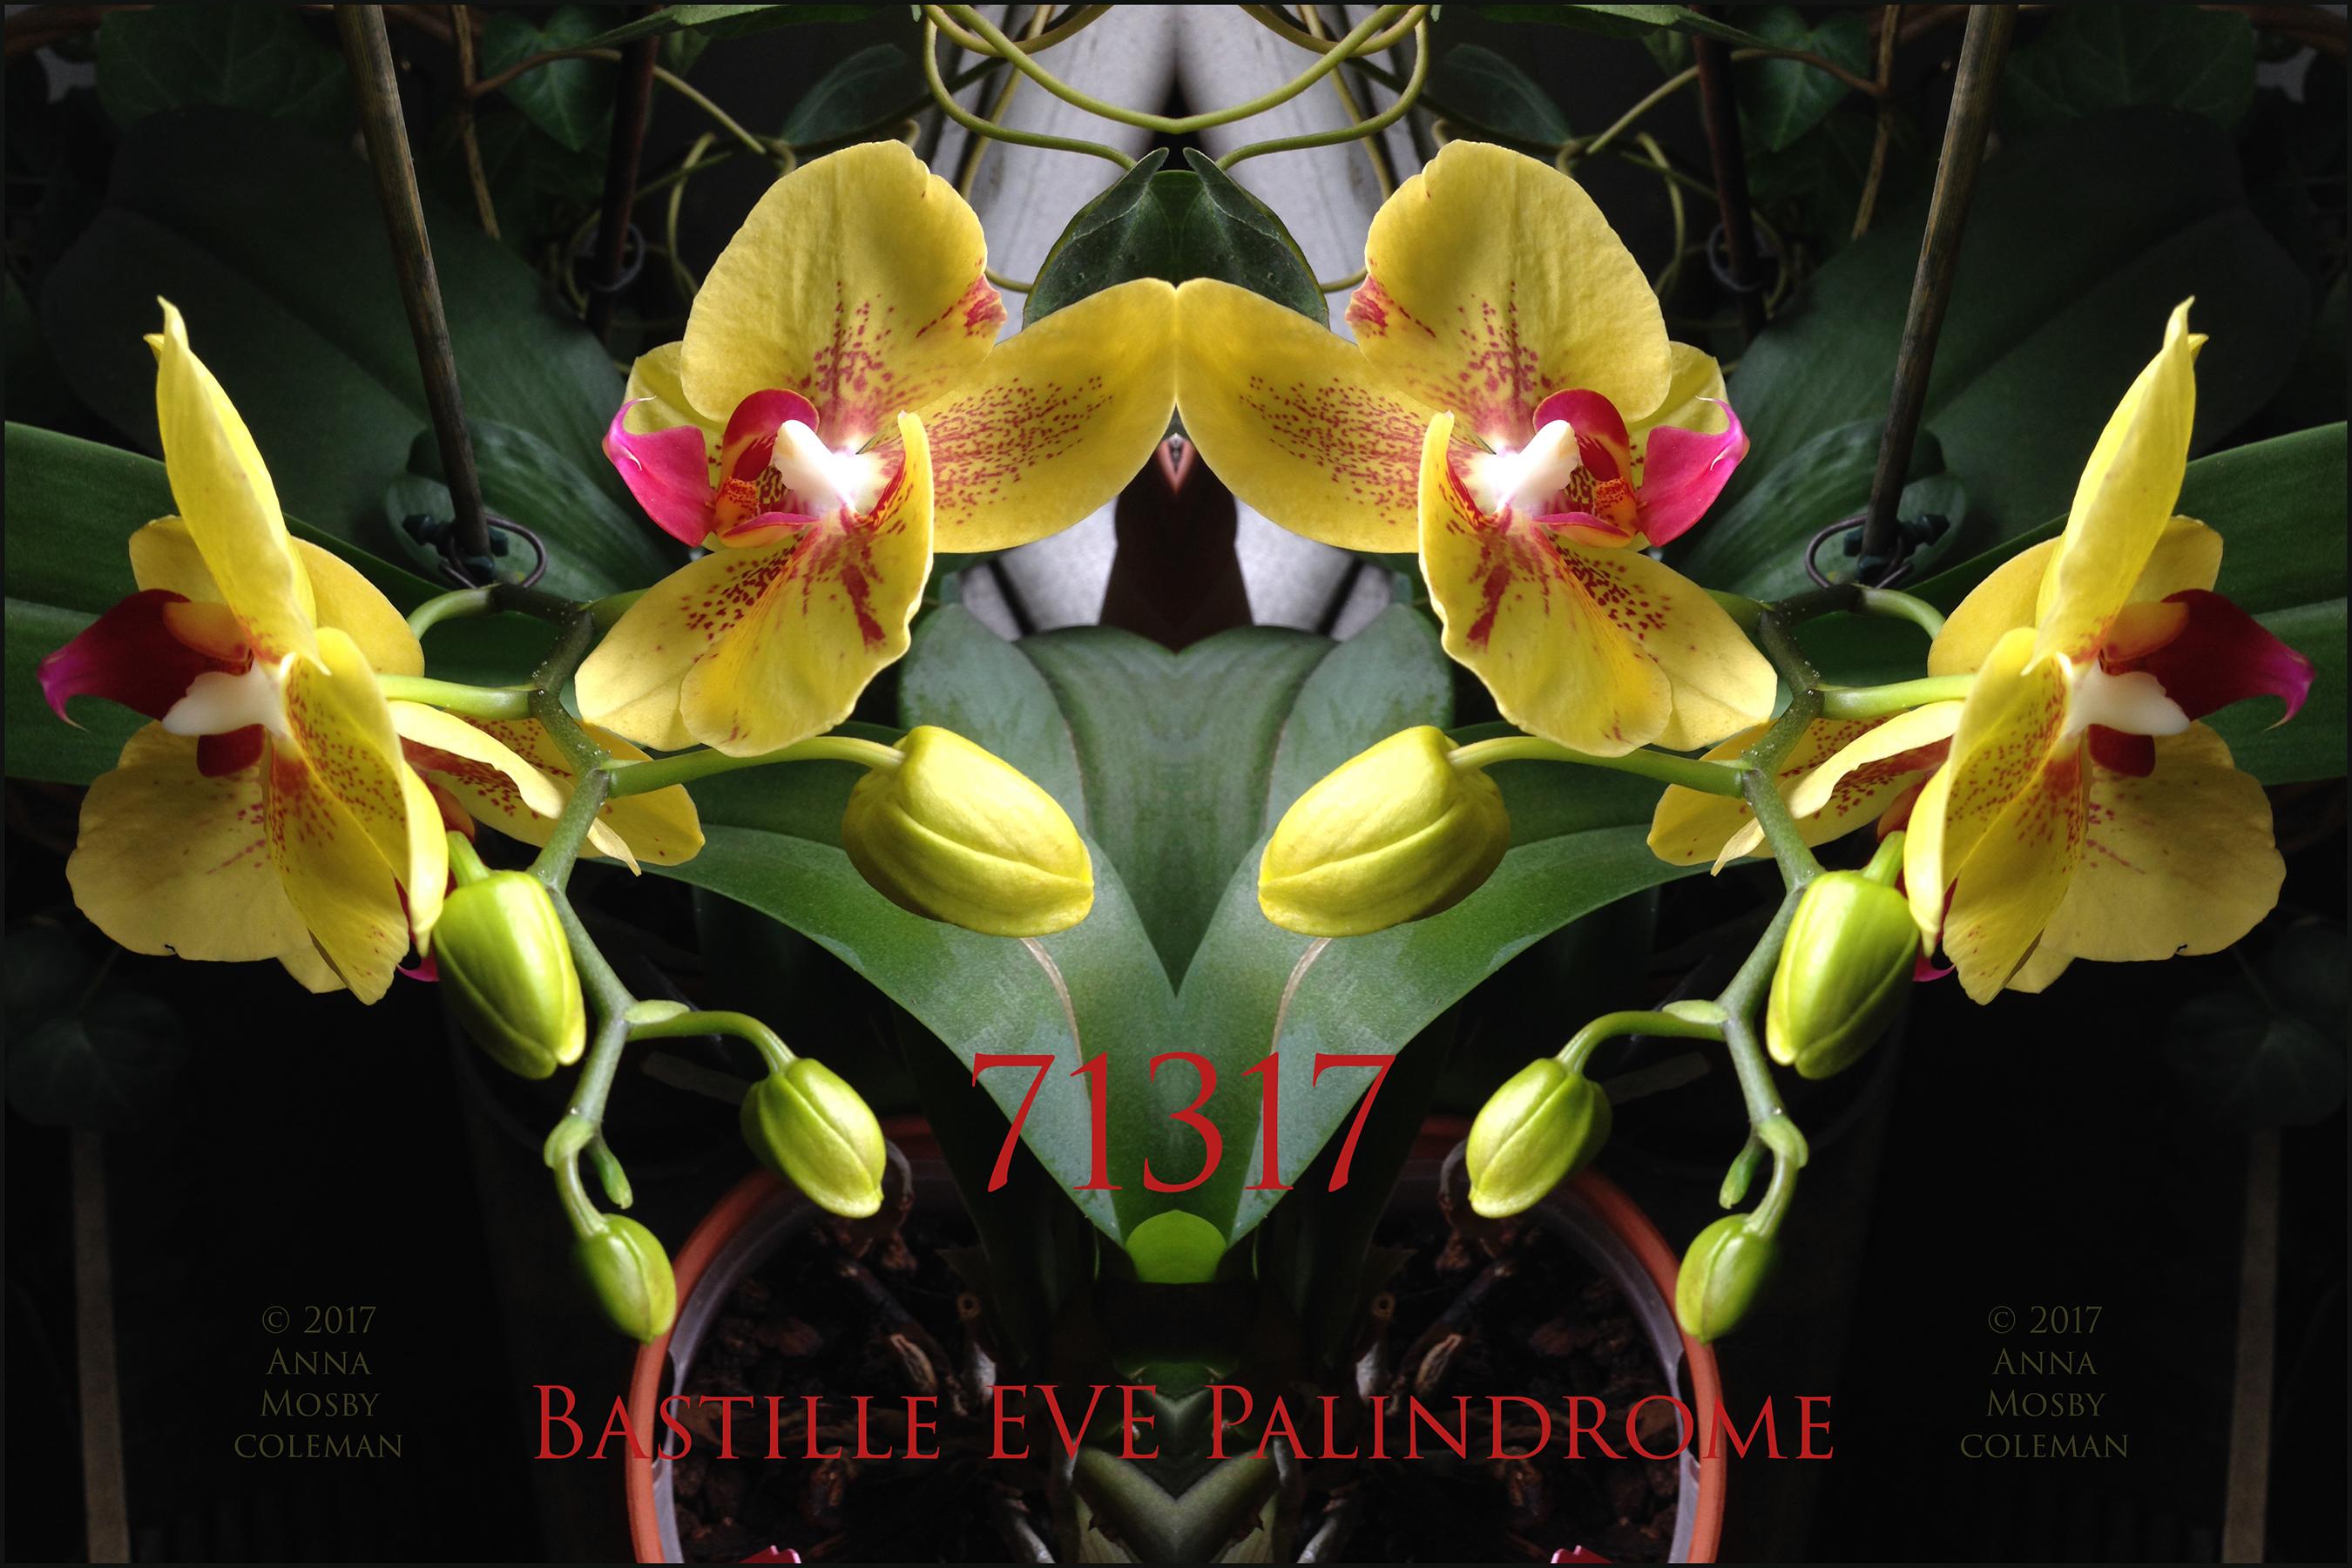 bastille-eve-71317-©AnnaMosbyColeman.jpg